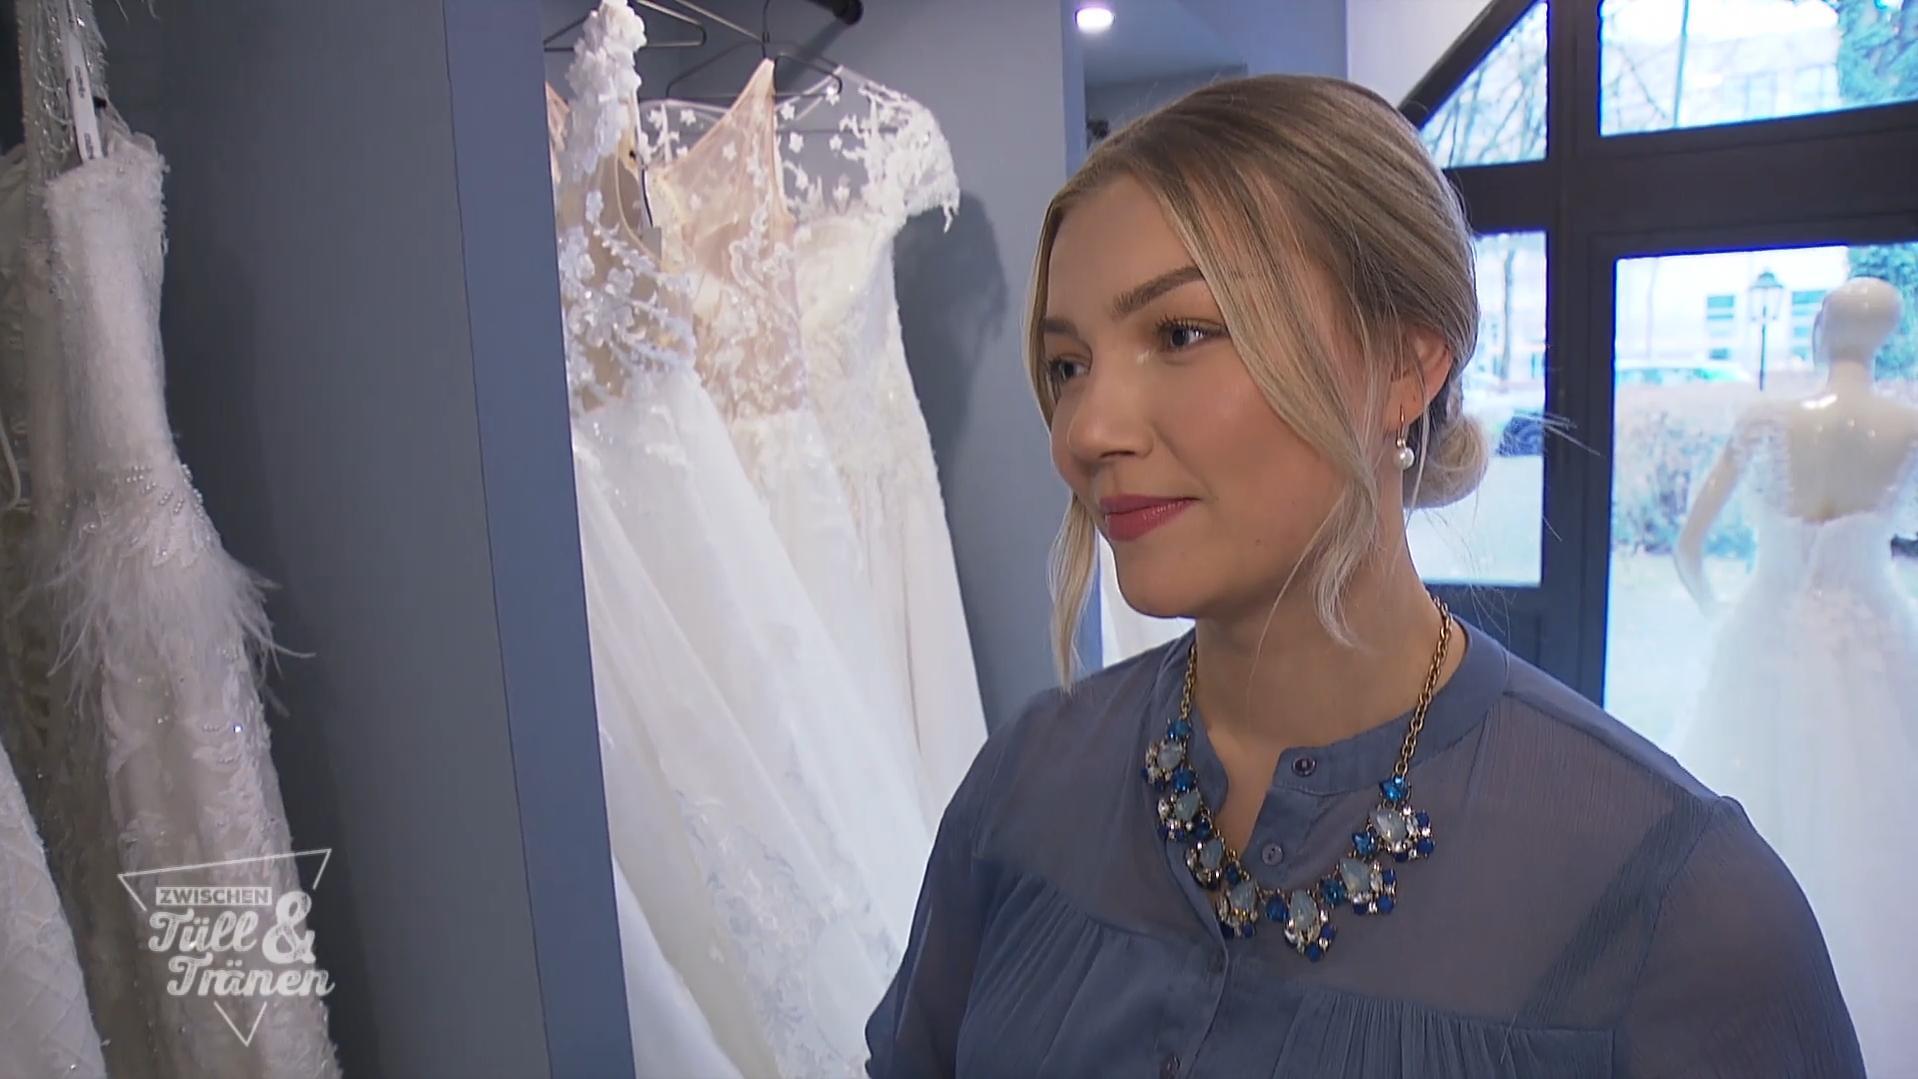 Die Braut sucht ein Überflieger-Kleid